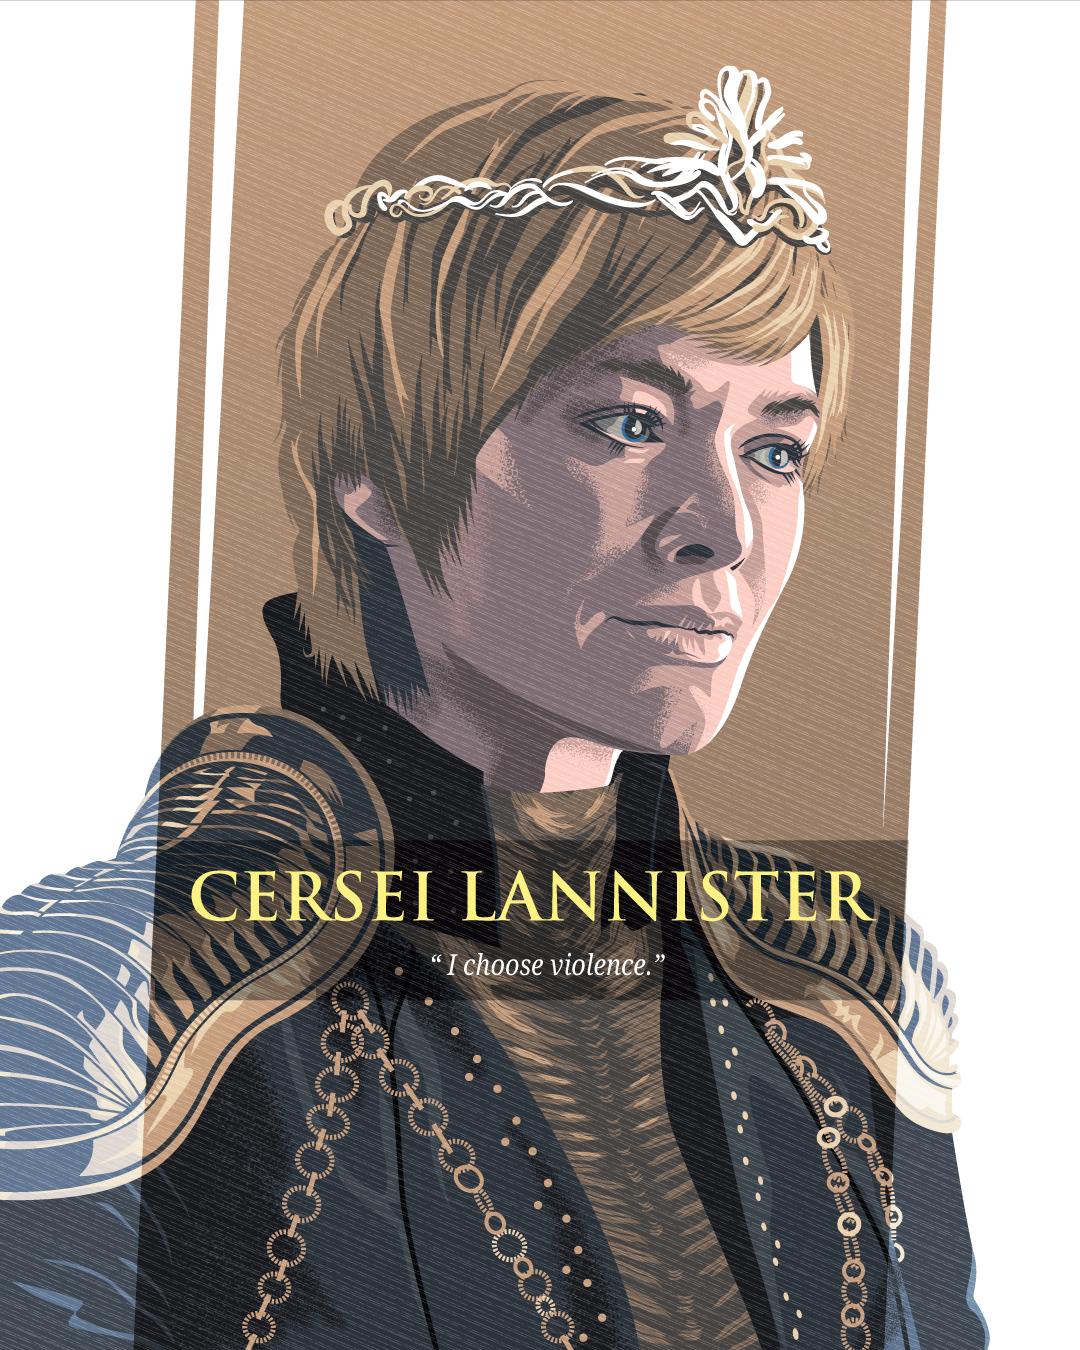 lannister Game of Thrones for the Throne night king dragon targaryen Stark Winterfell kingslayer